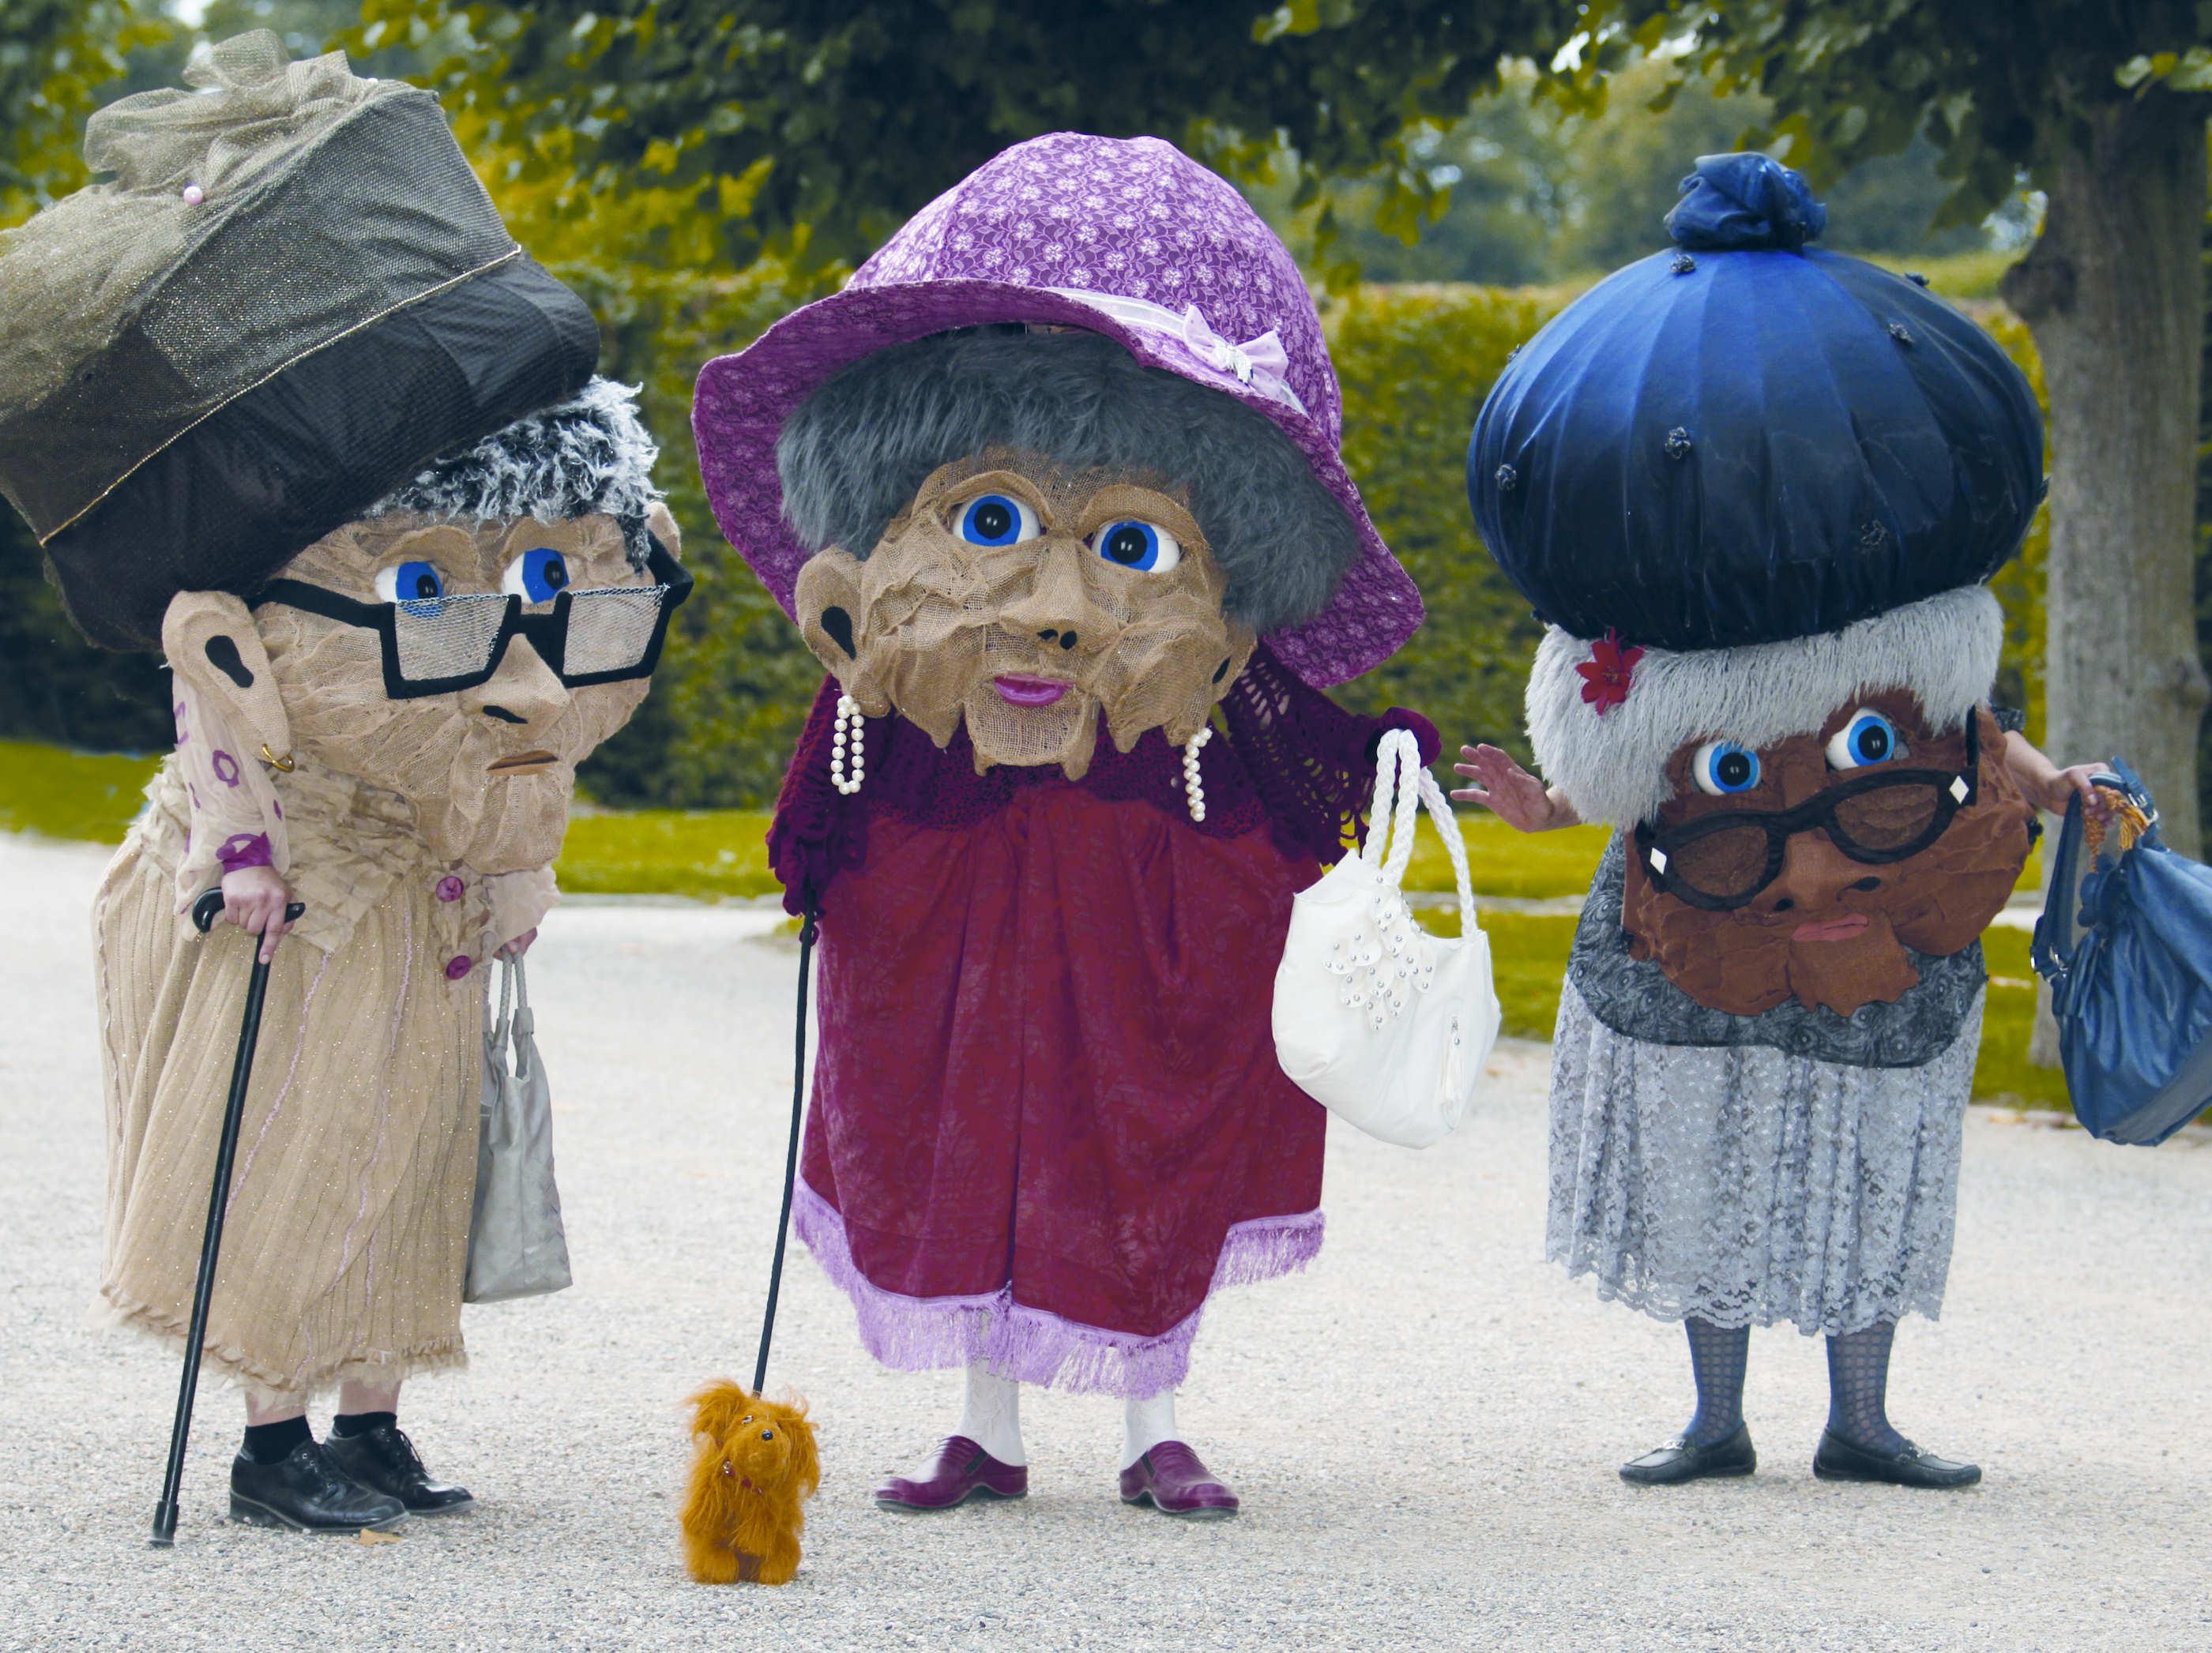 Drei mit riesigen Masken als alte Damen verkleidete Darsteller.